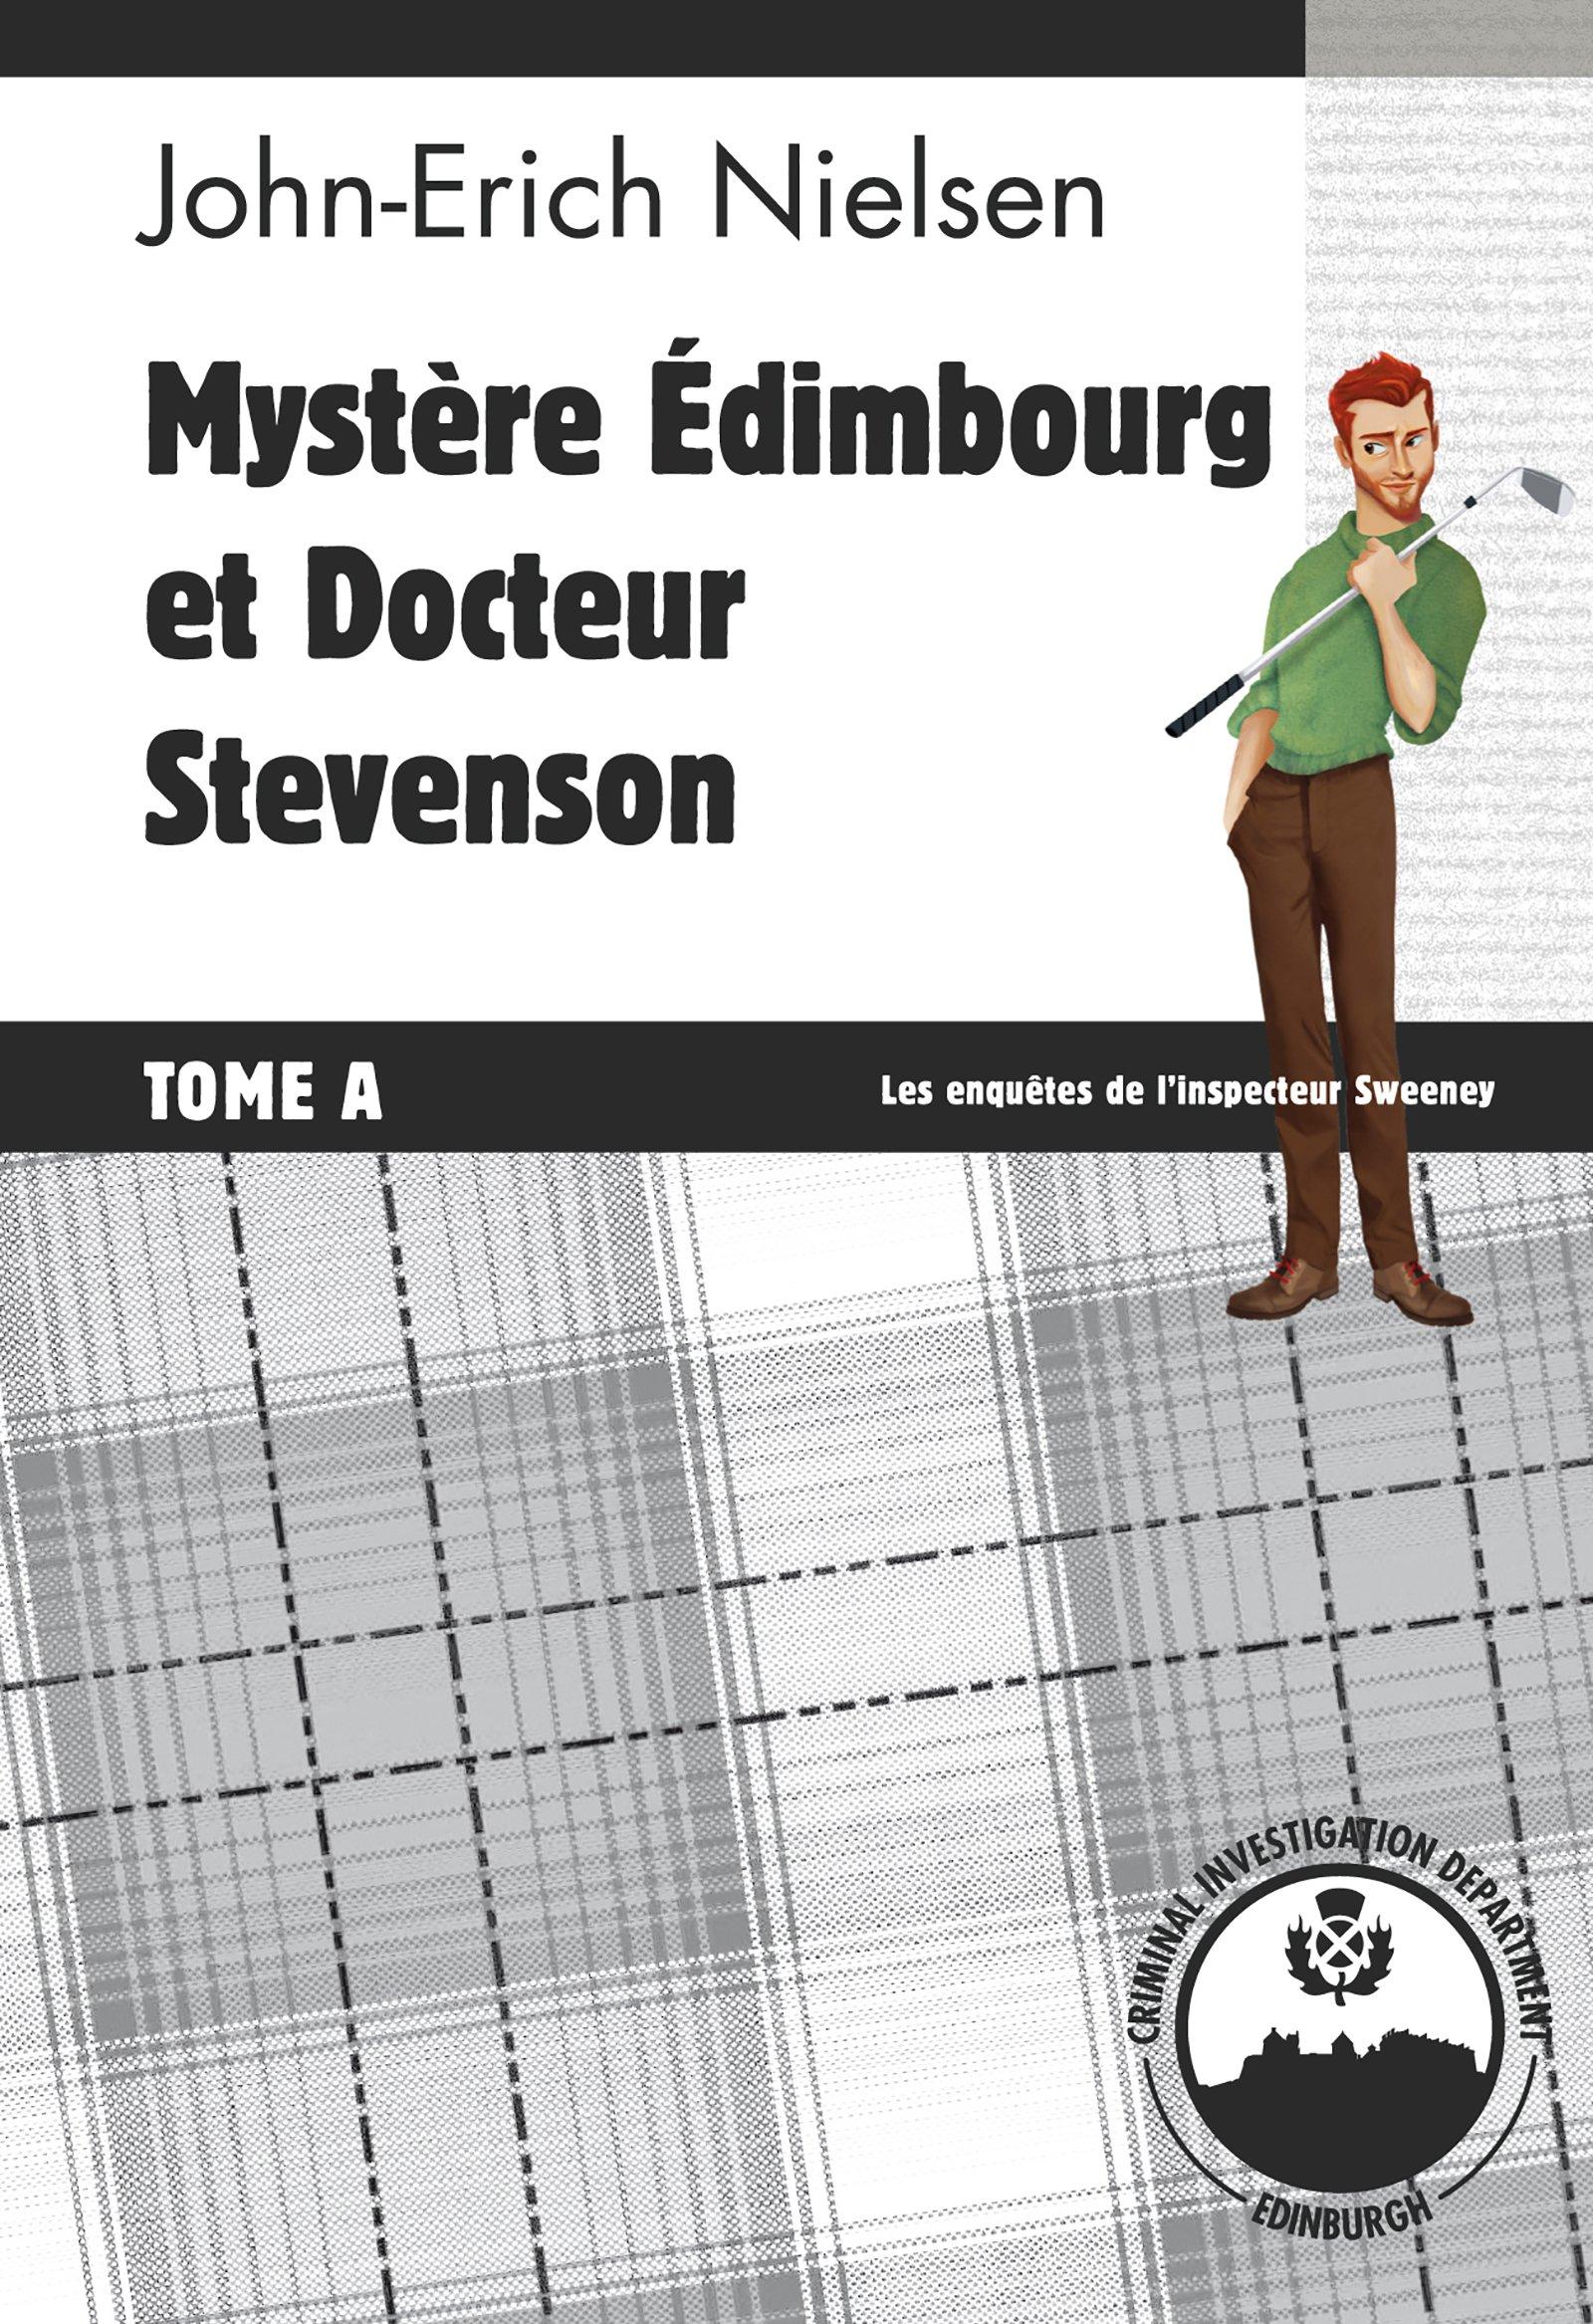 Mystère Edimbourg et Docteur Stevenson: Tome A (Les enquêtes de l'inspecteur Sweeney t. 13) por John-Erich Nielsen